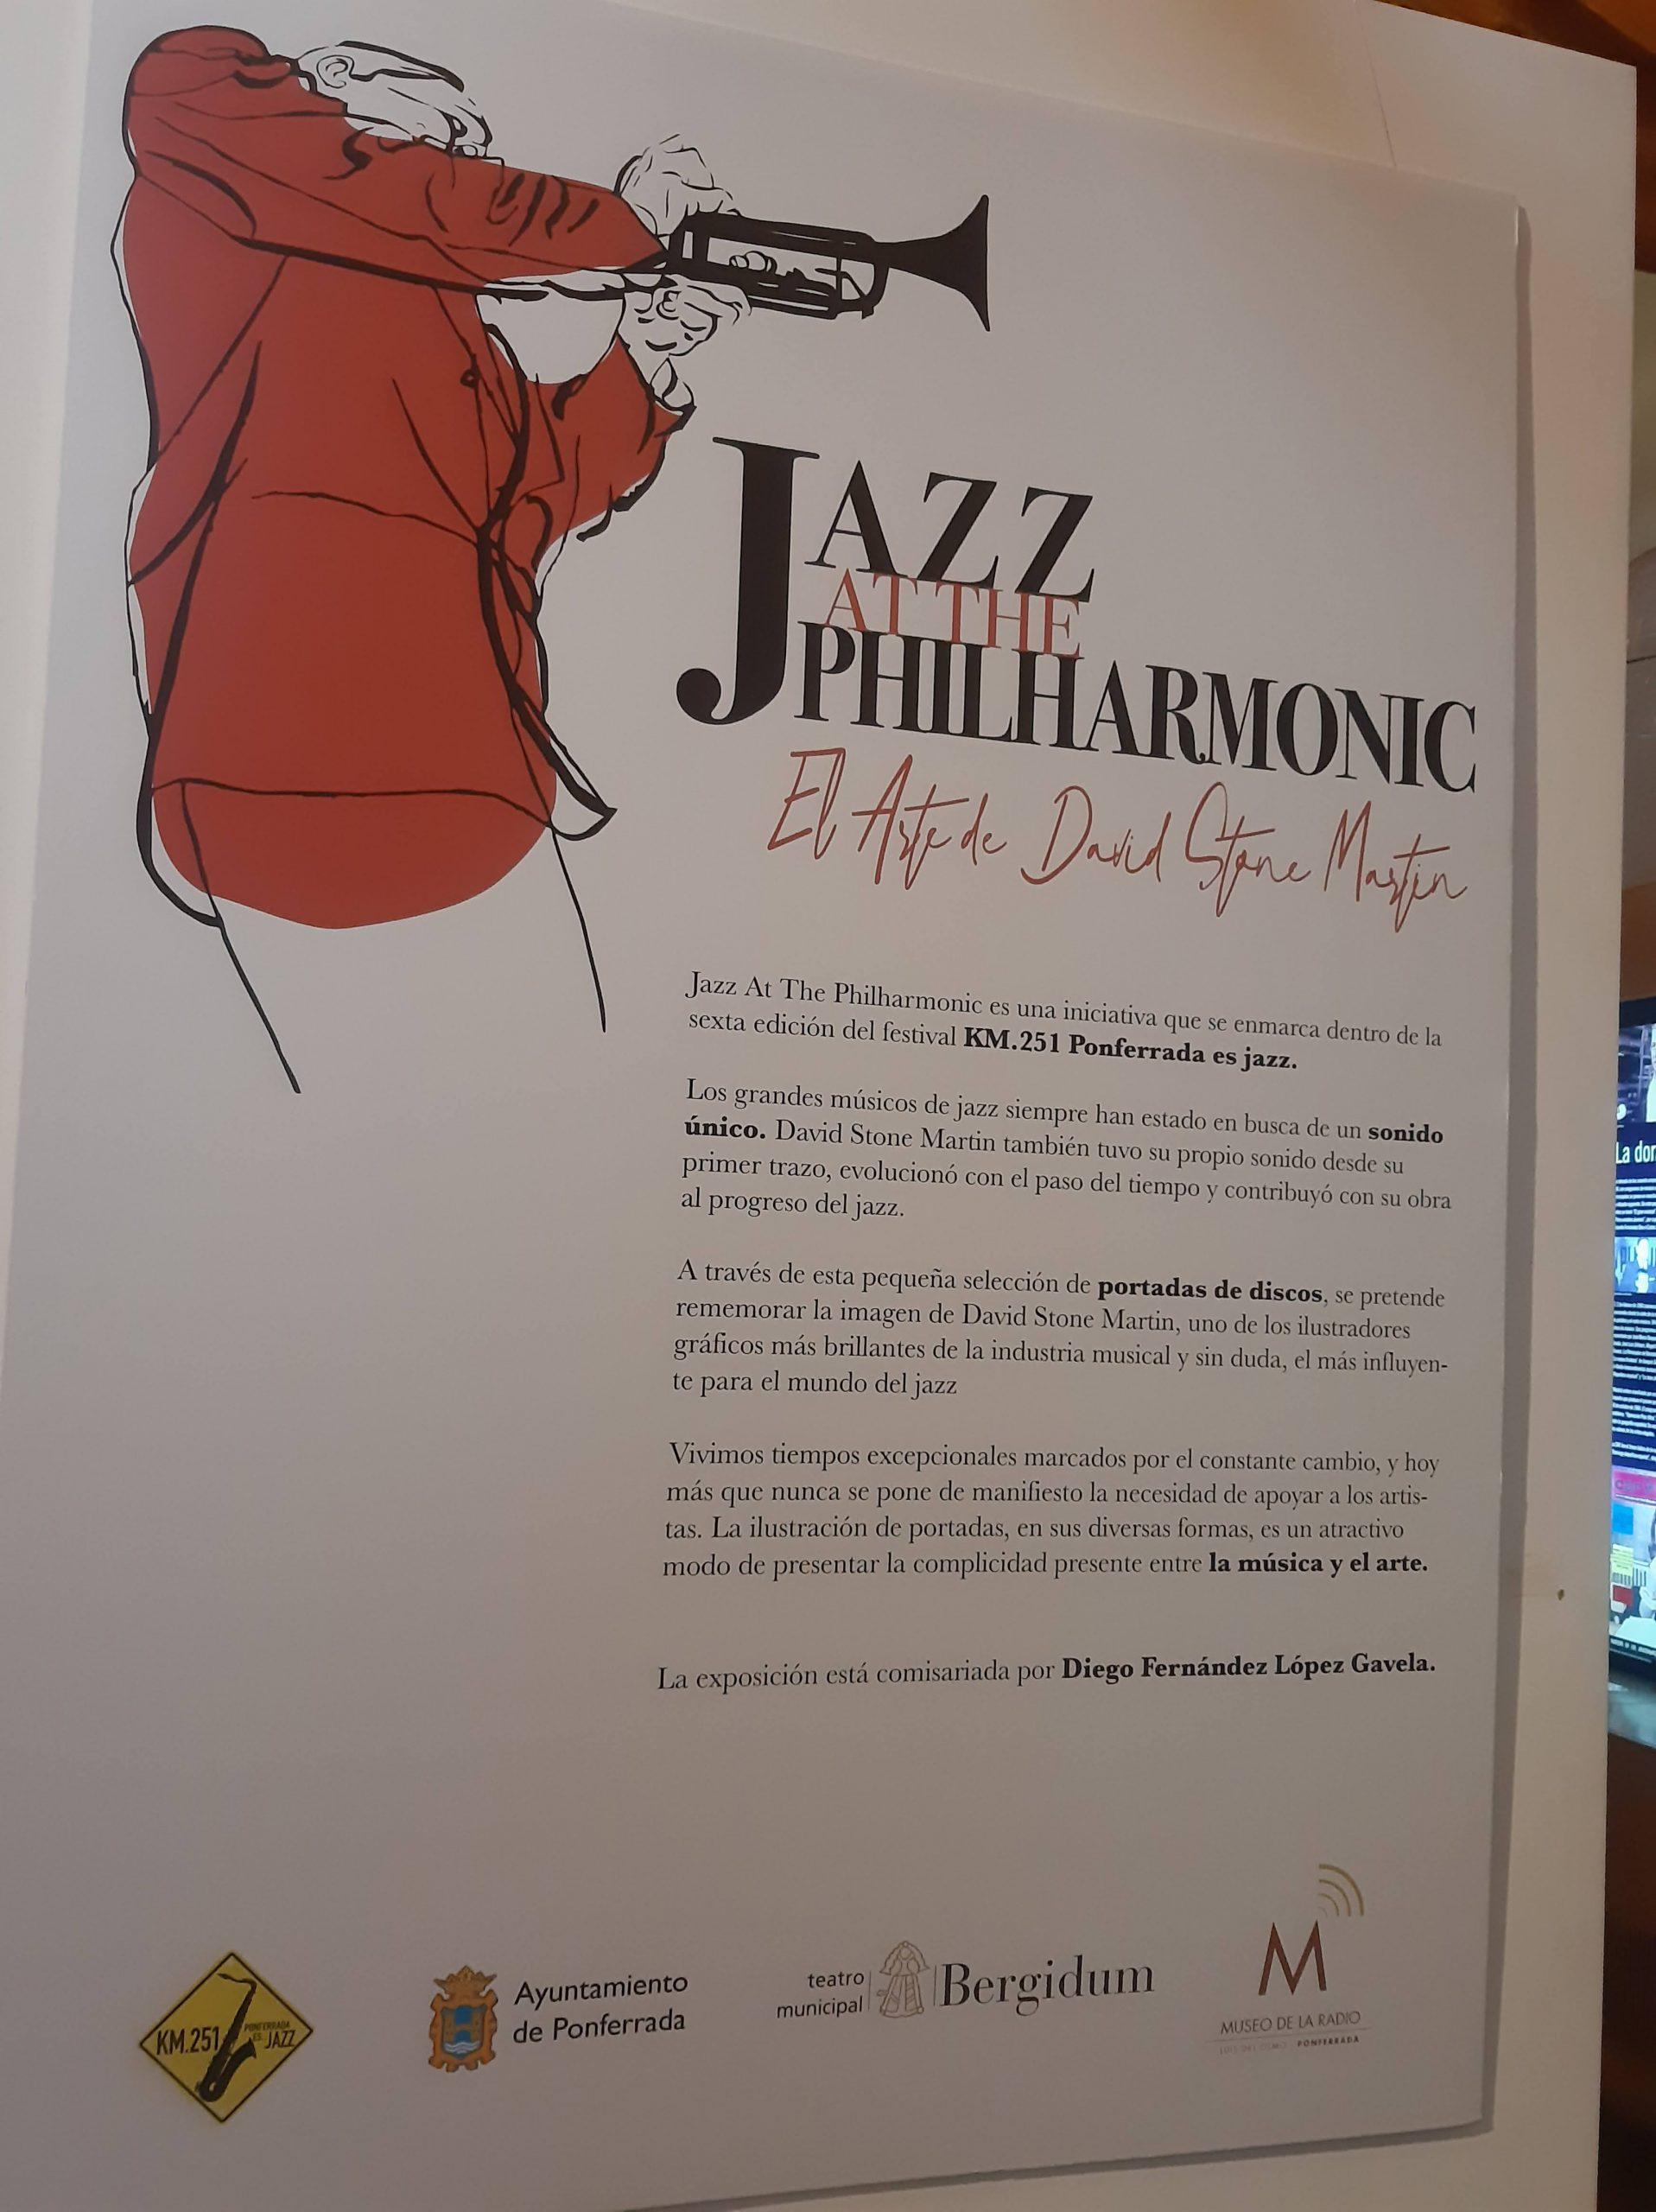 El Museo de la Radio suma una exposición de JAZZ al festival K.M. 251 2